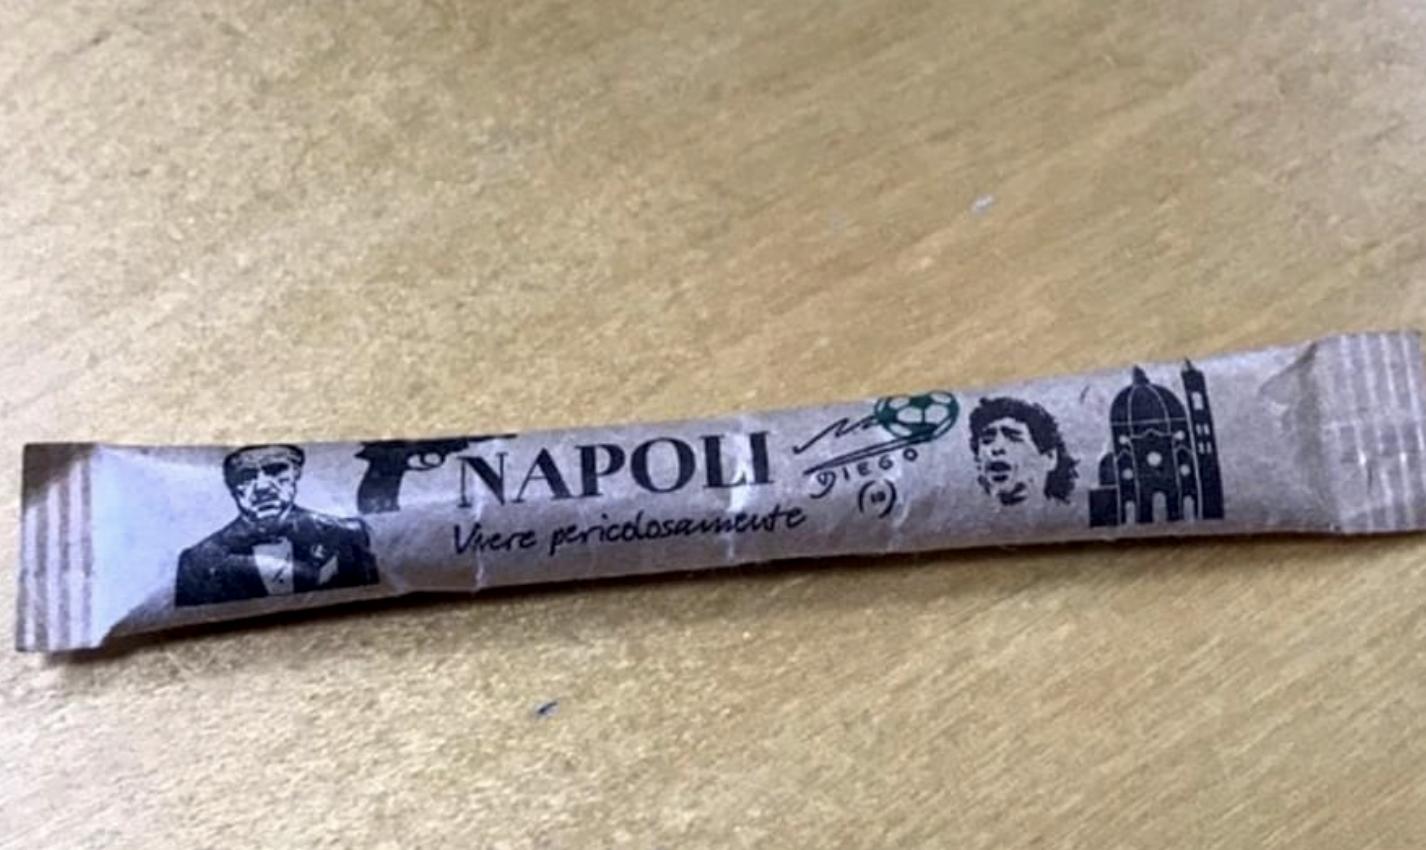 Bustine di zucchero greche che diffamano Napoli, la risposta della comunità ellenica napoletana